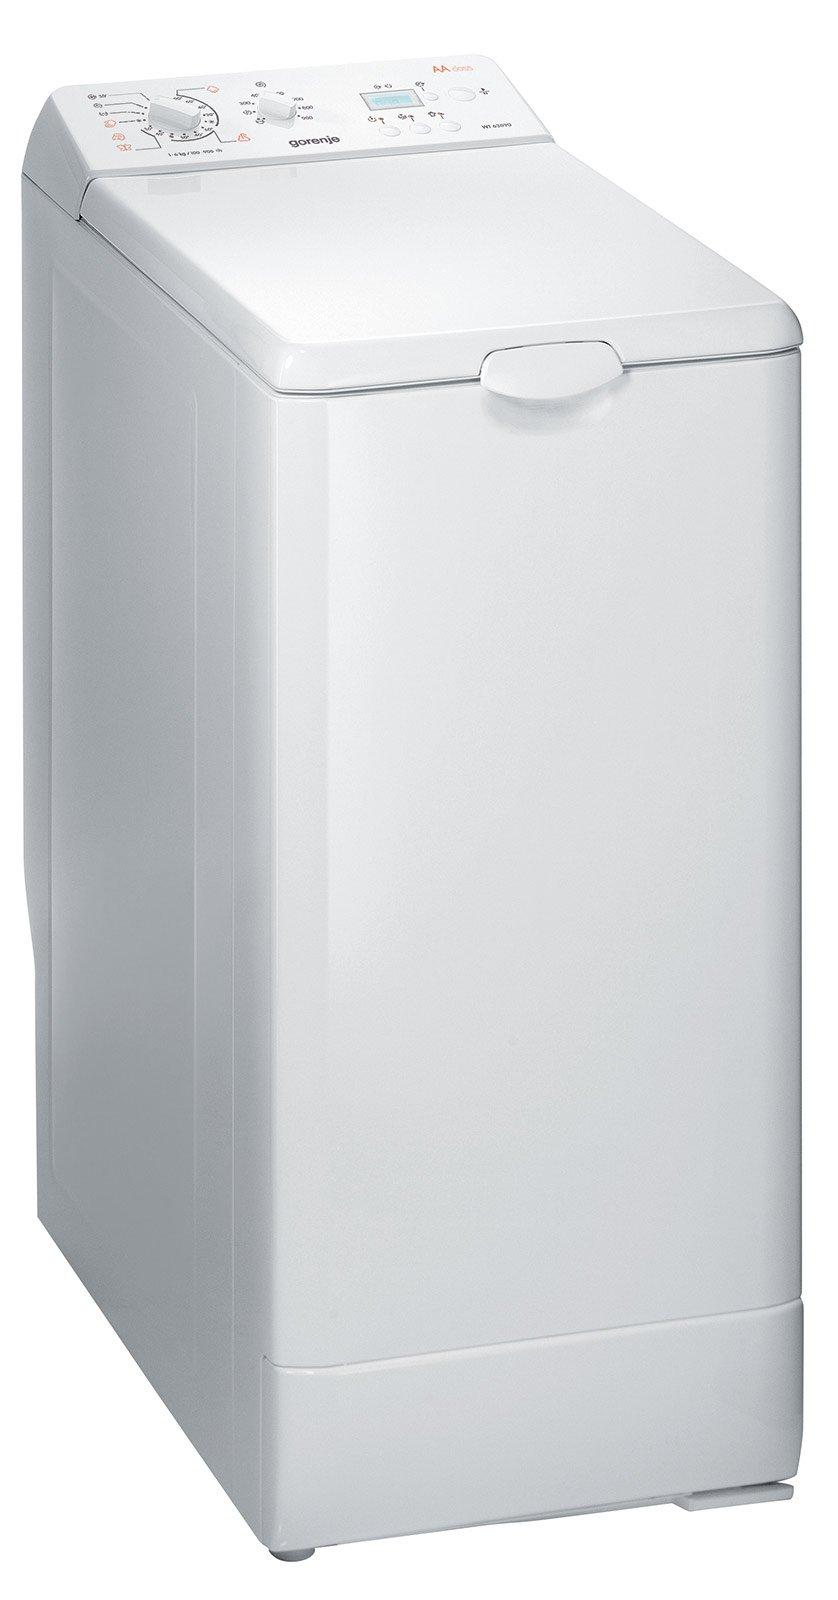 Elettrodomestici piccoli per risparmiare spazio cose di casa for Lavatrice con carica dall alto